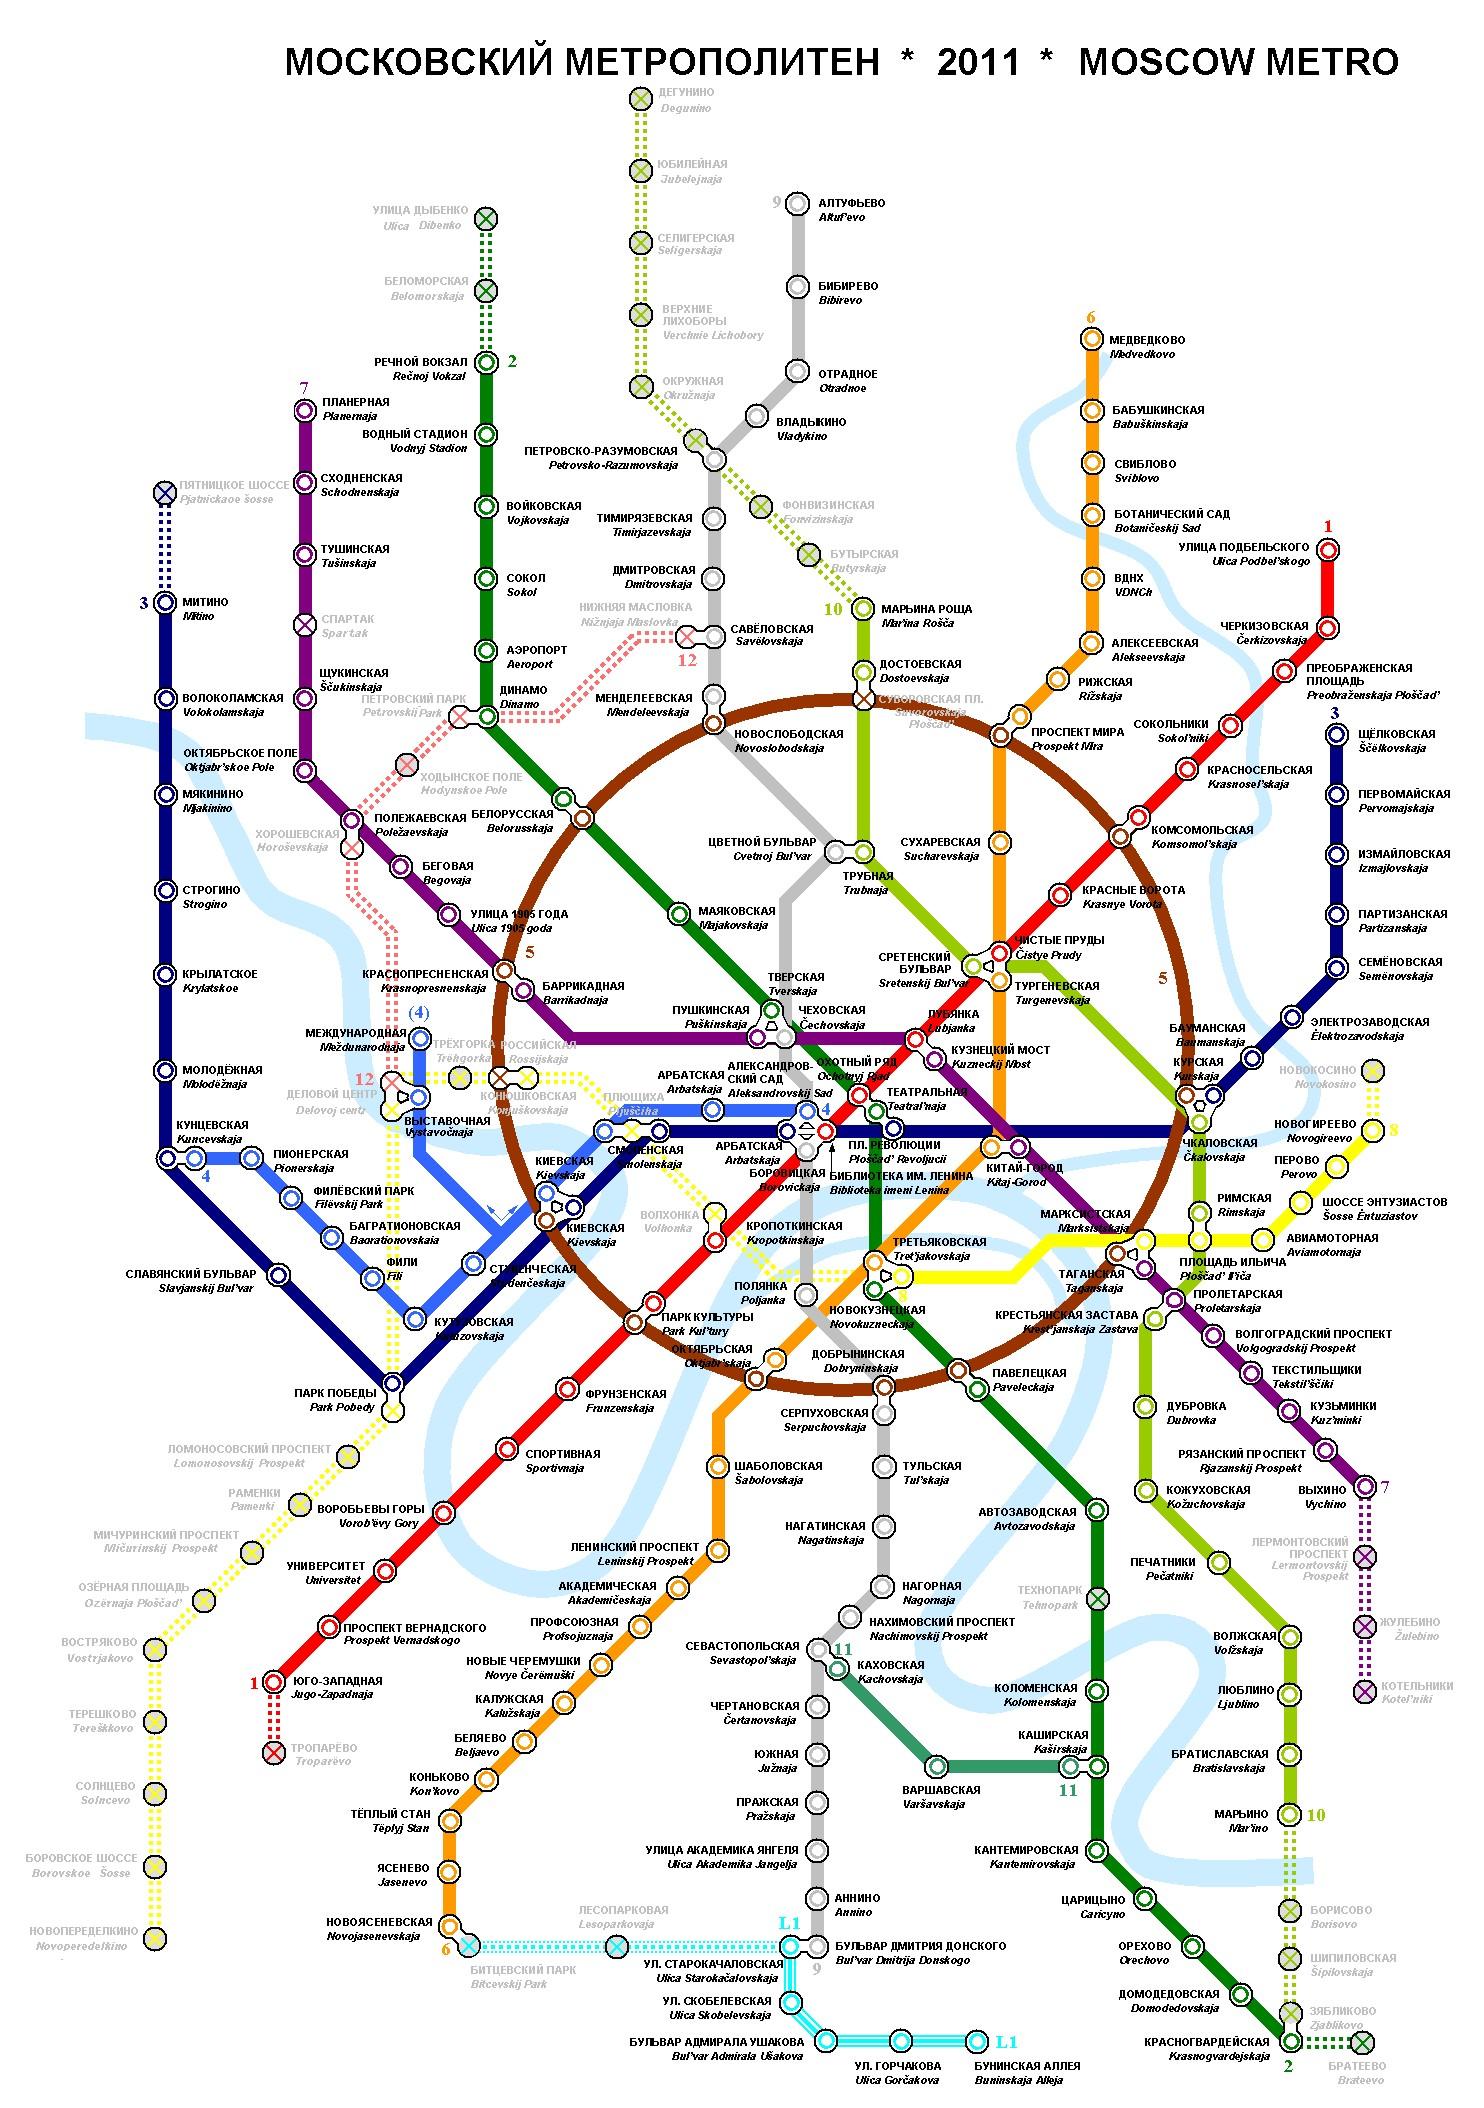 Moszkva metróhálózata